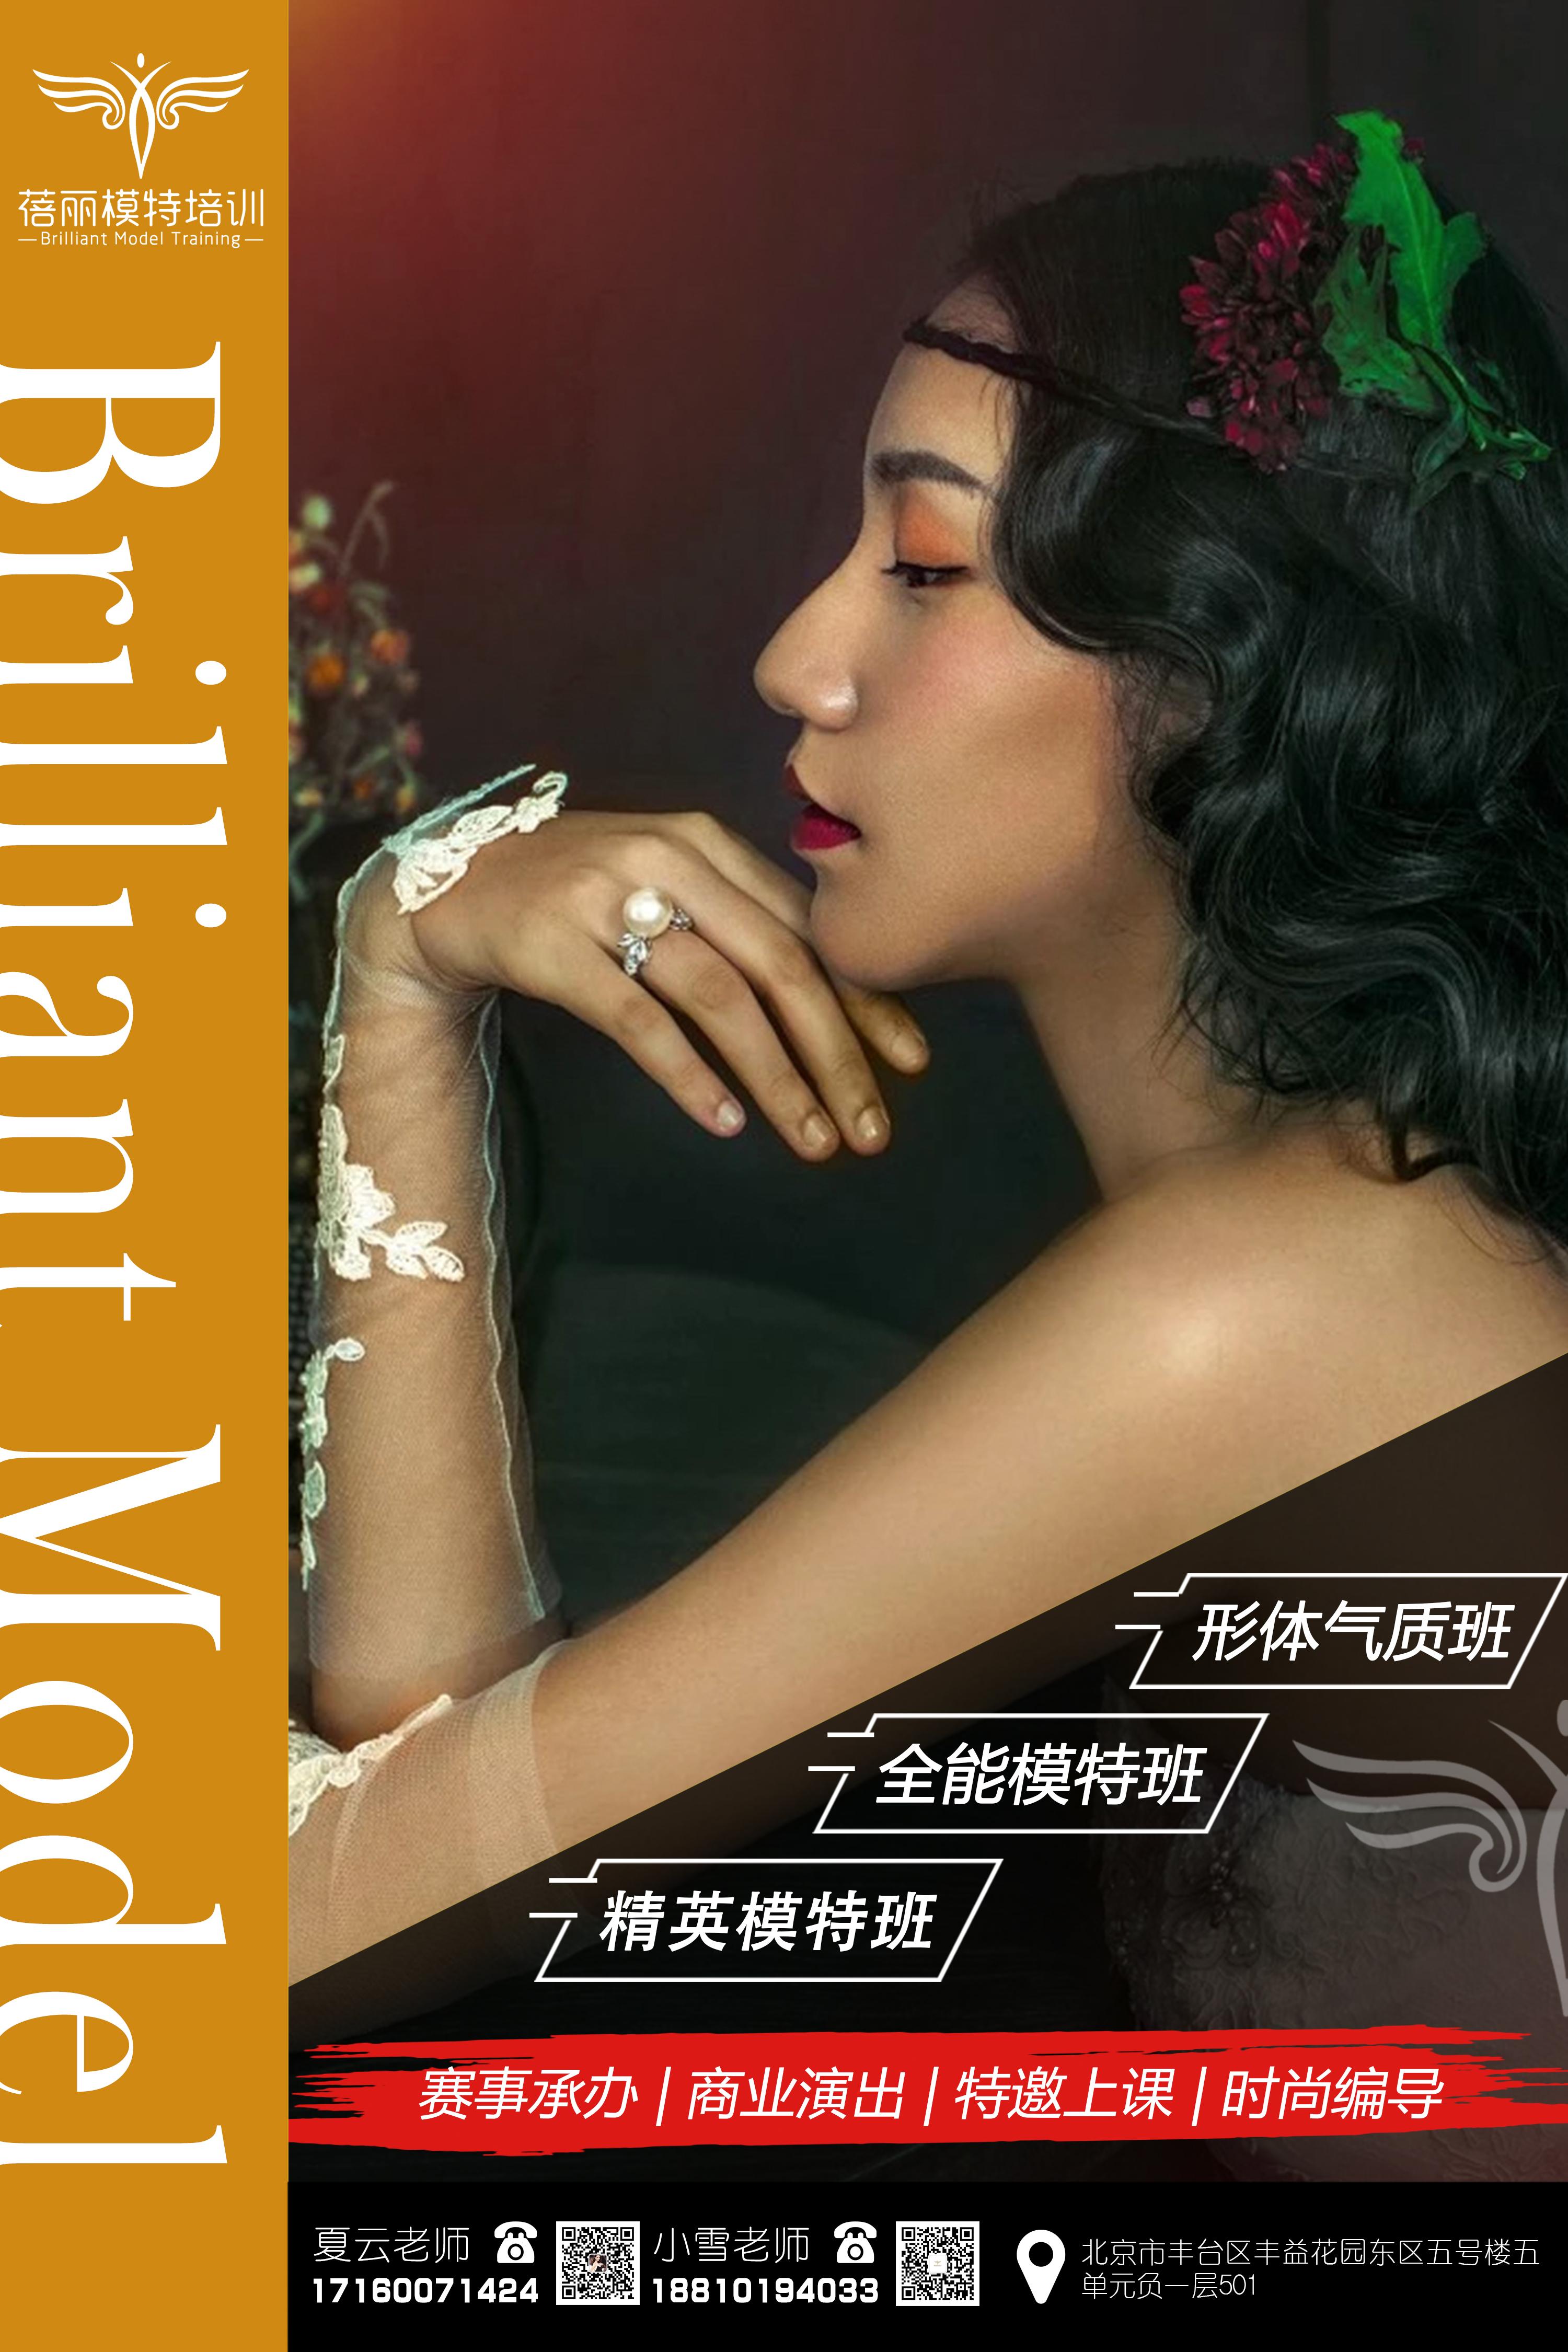 北京丰台职业模特培训●迪奥春夏成衣系列经典千鸟纹图案